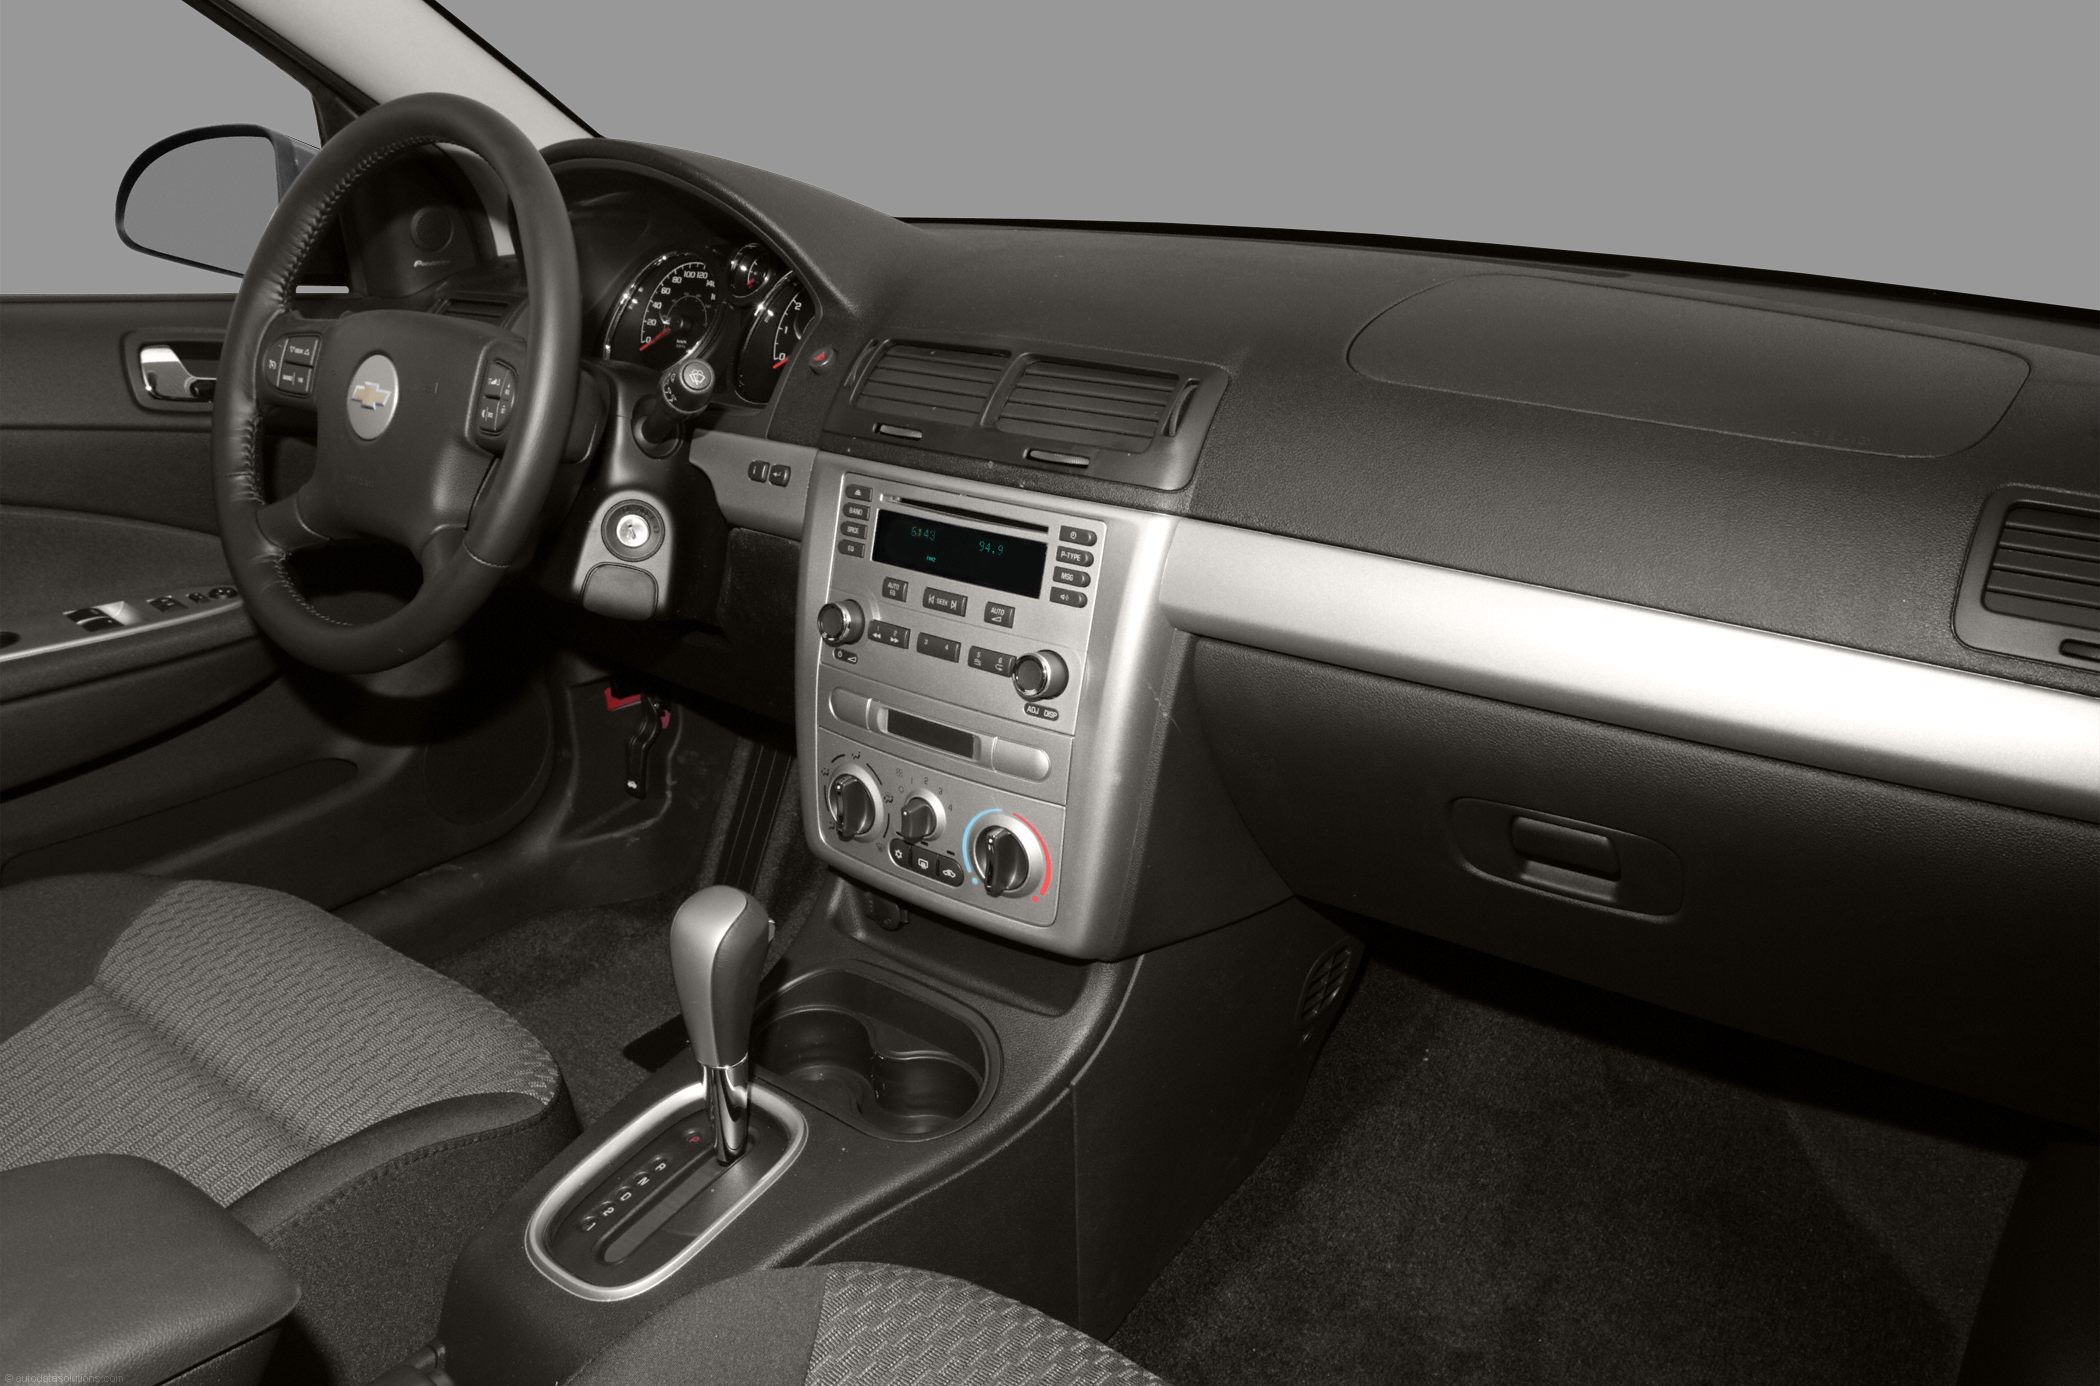 Chevrolet Cobalt I 2004 - 2010 Coupe #2